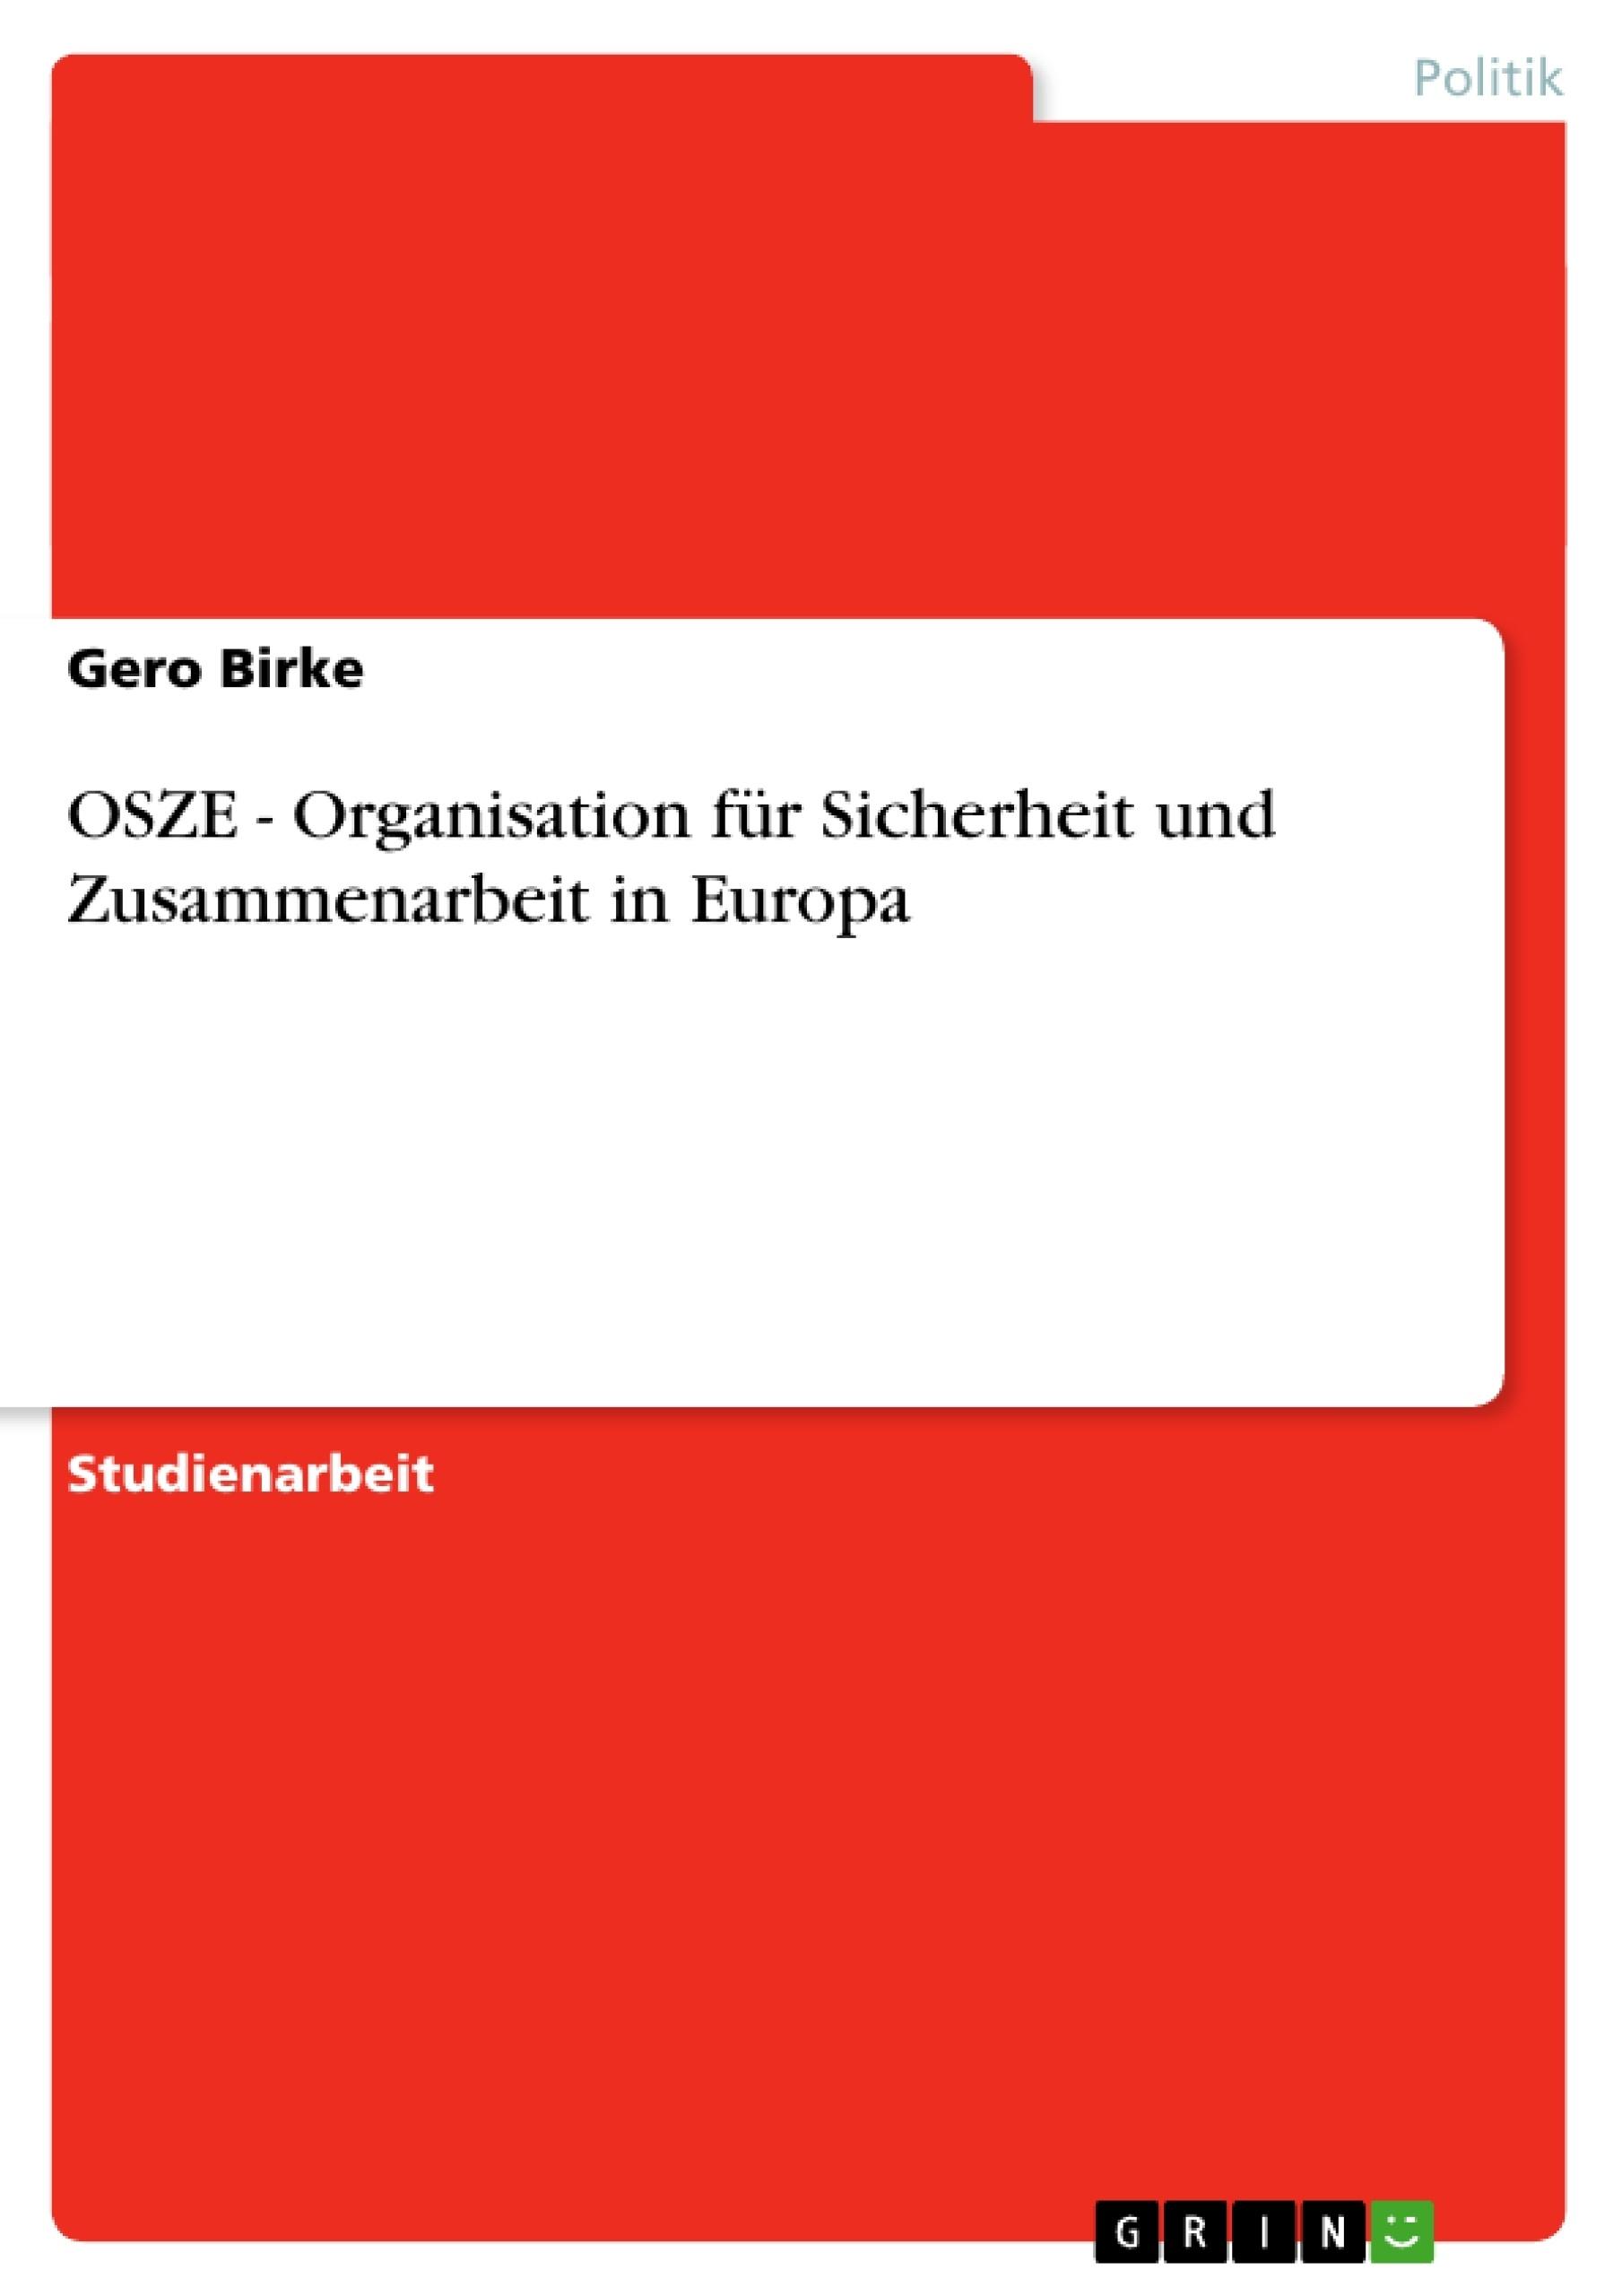 Titel: OSZE - Organisation für Sicherheit und Zusammenarbeit in Europa